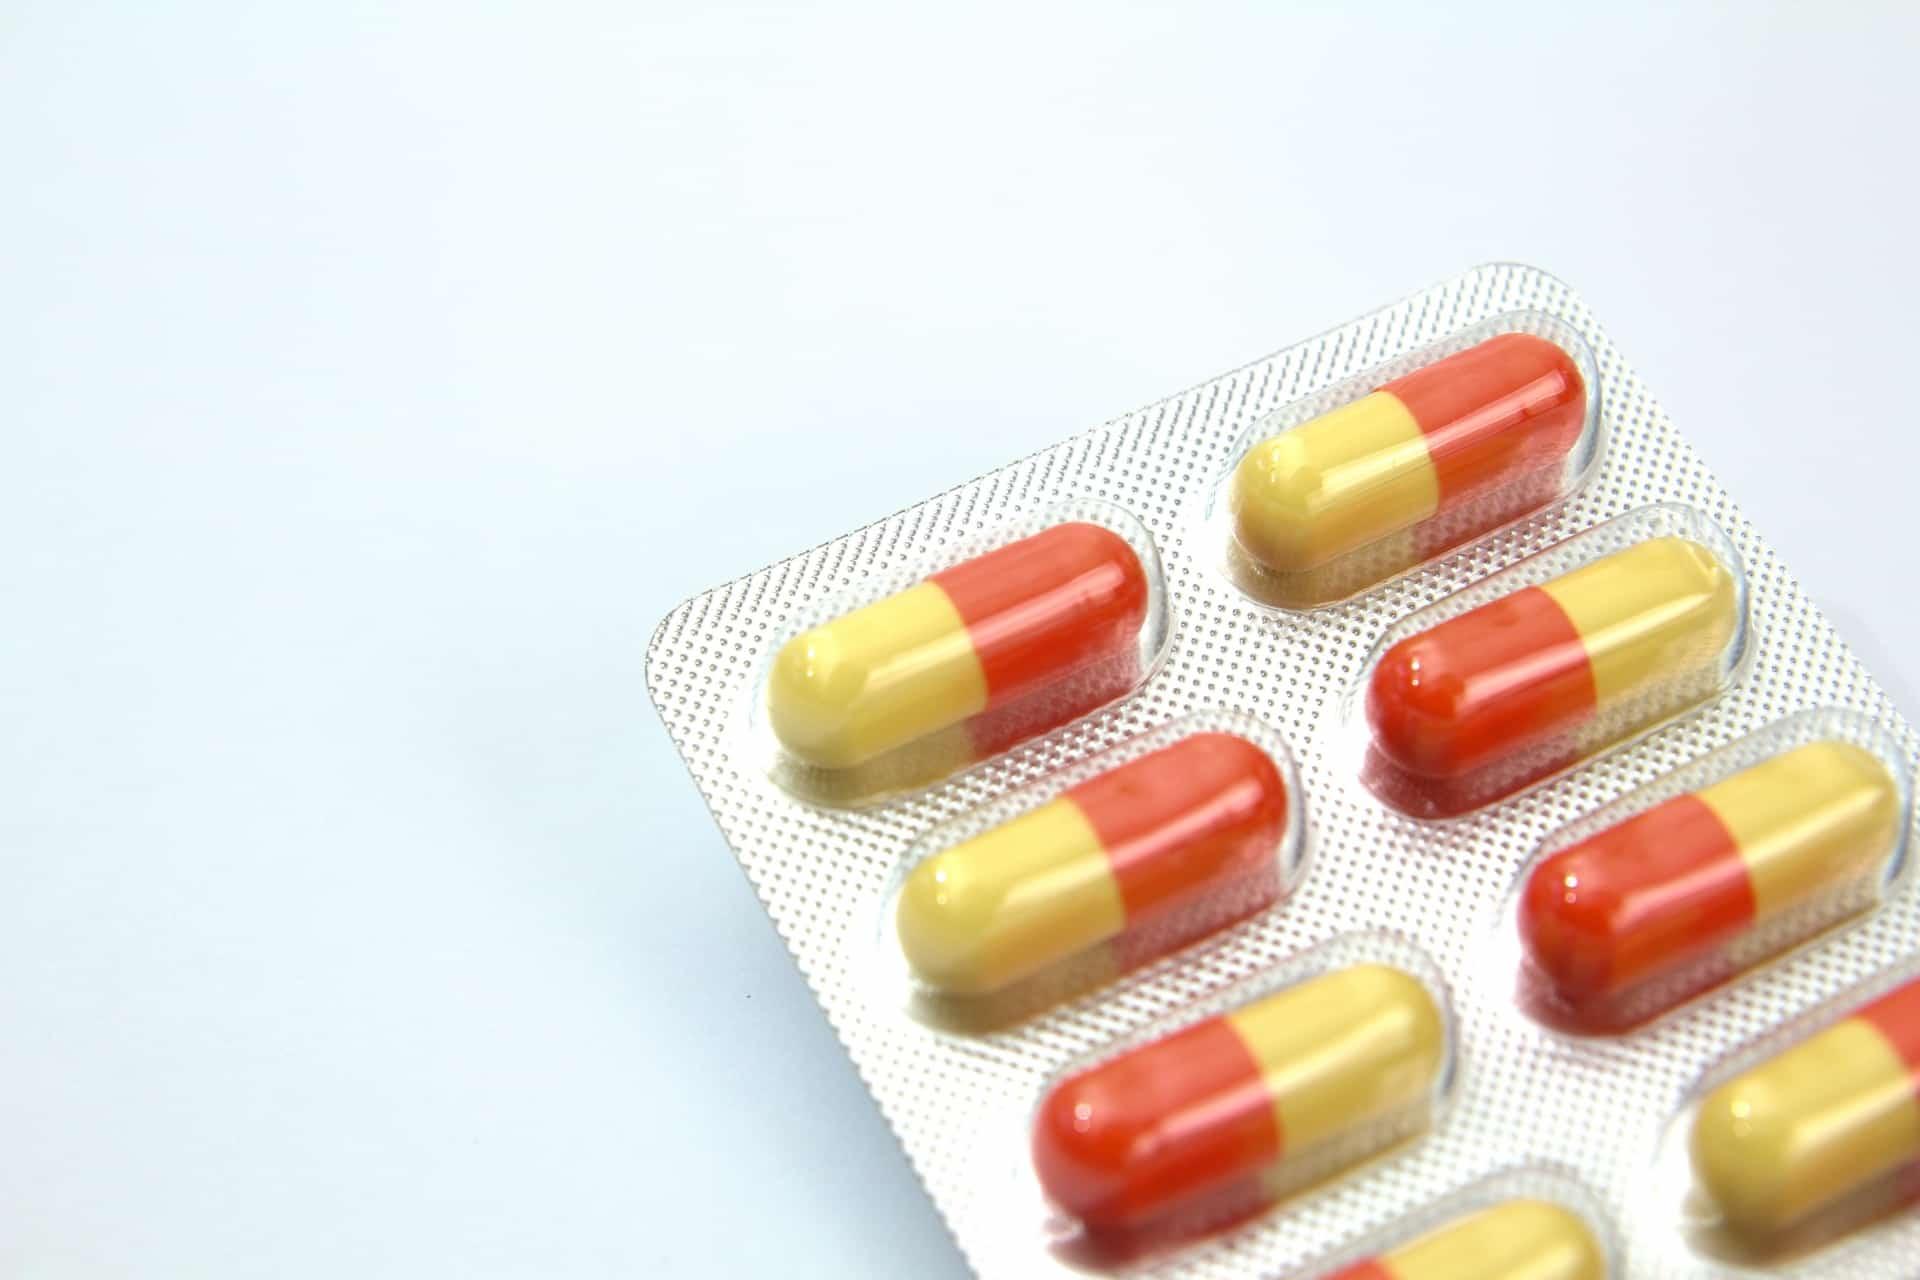 腹痛時の市販薬